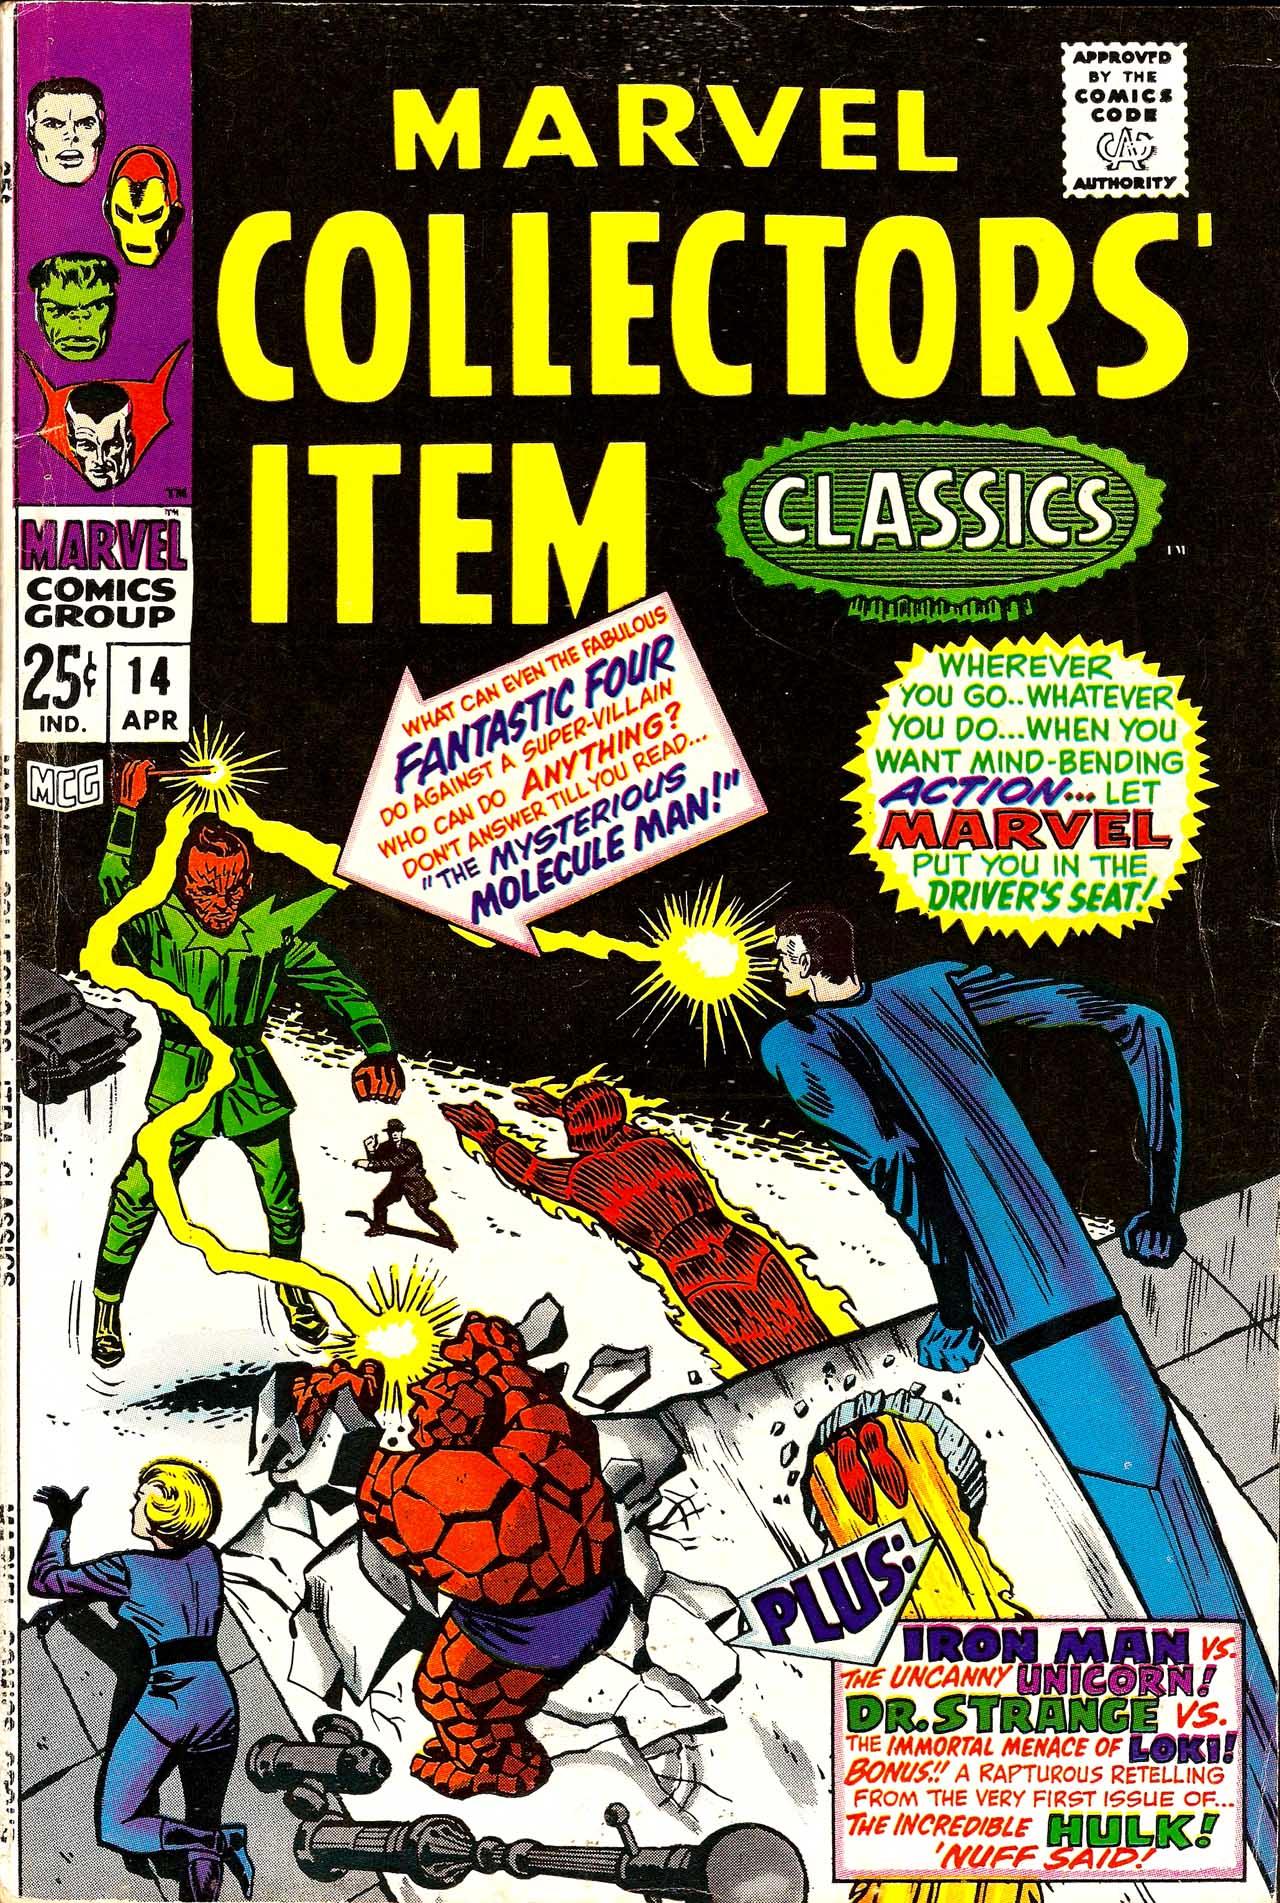 Marvel Collectors Item Classics 14 Page 1